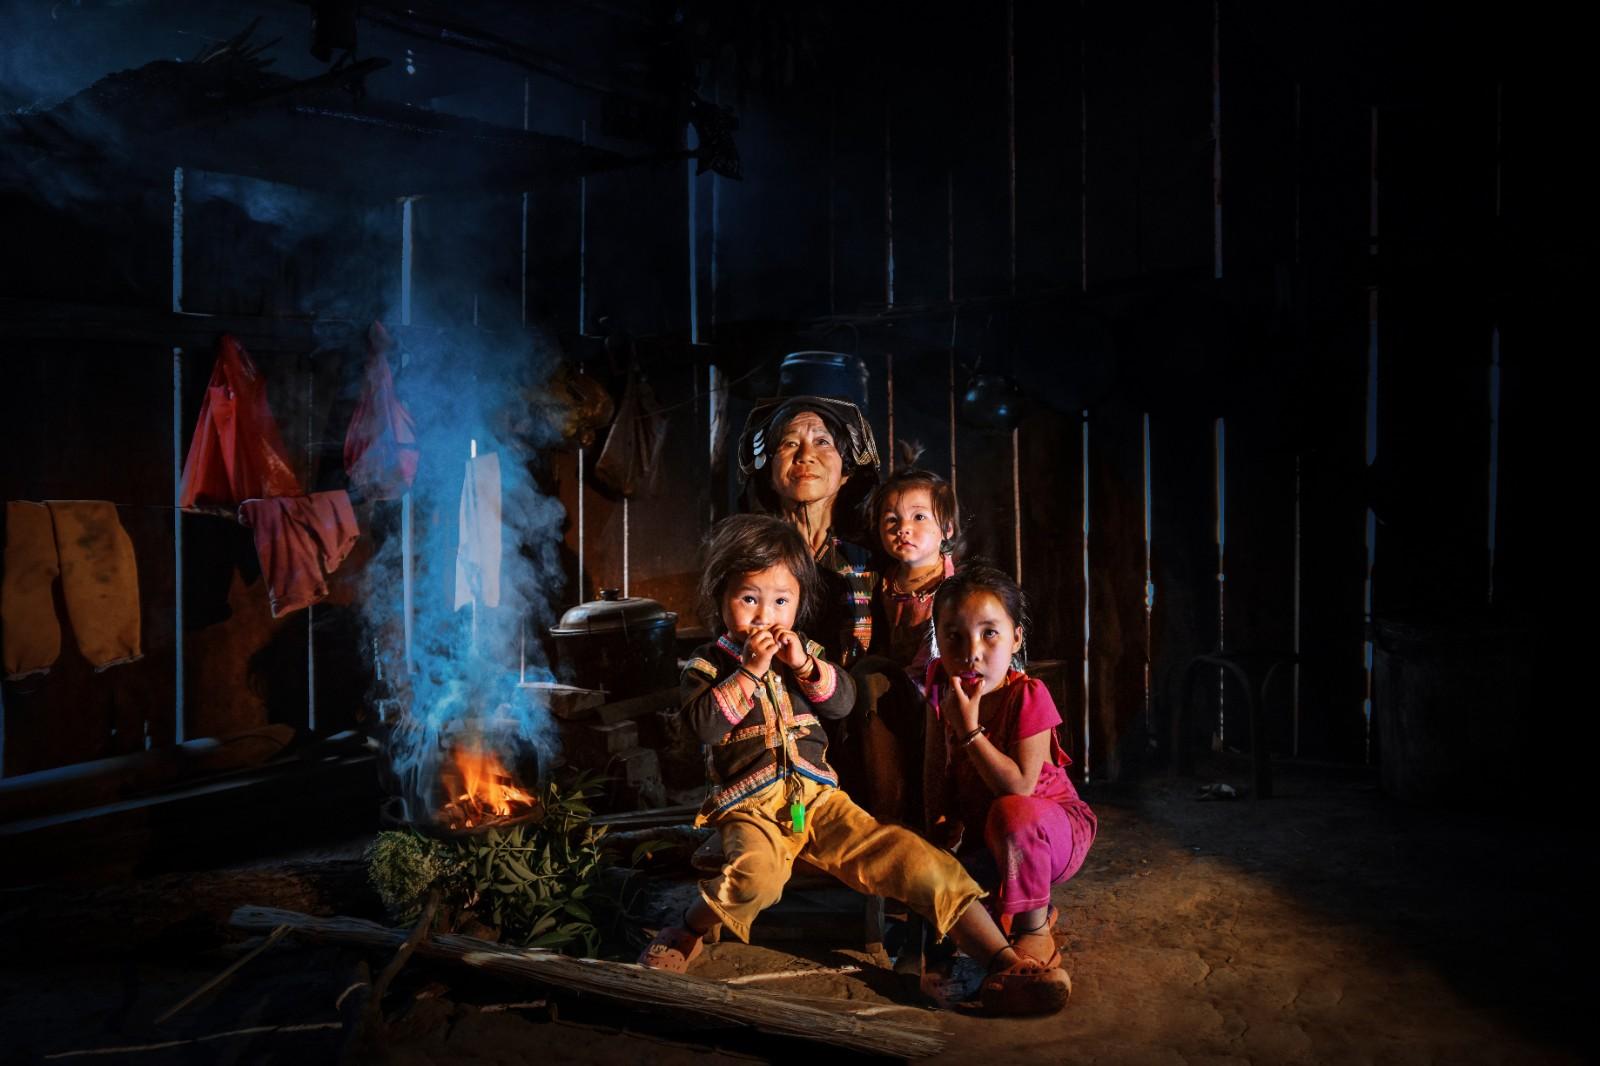 第28届奥地利特伦伯超级摄影巡回展中国展区展出《一家人的守望》.jpg